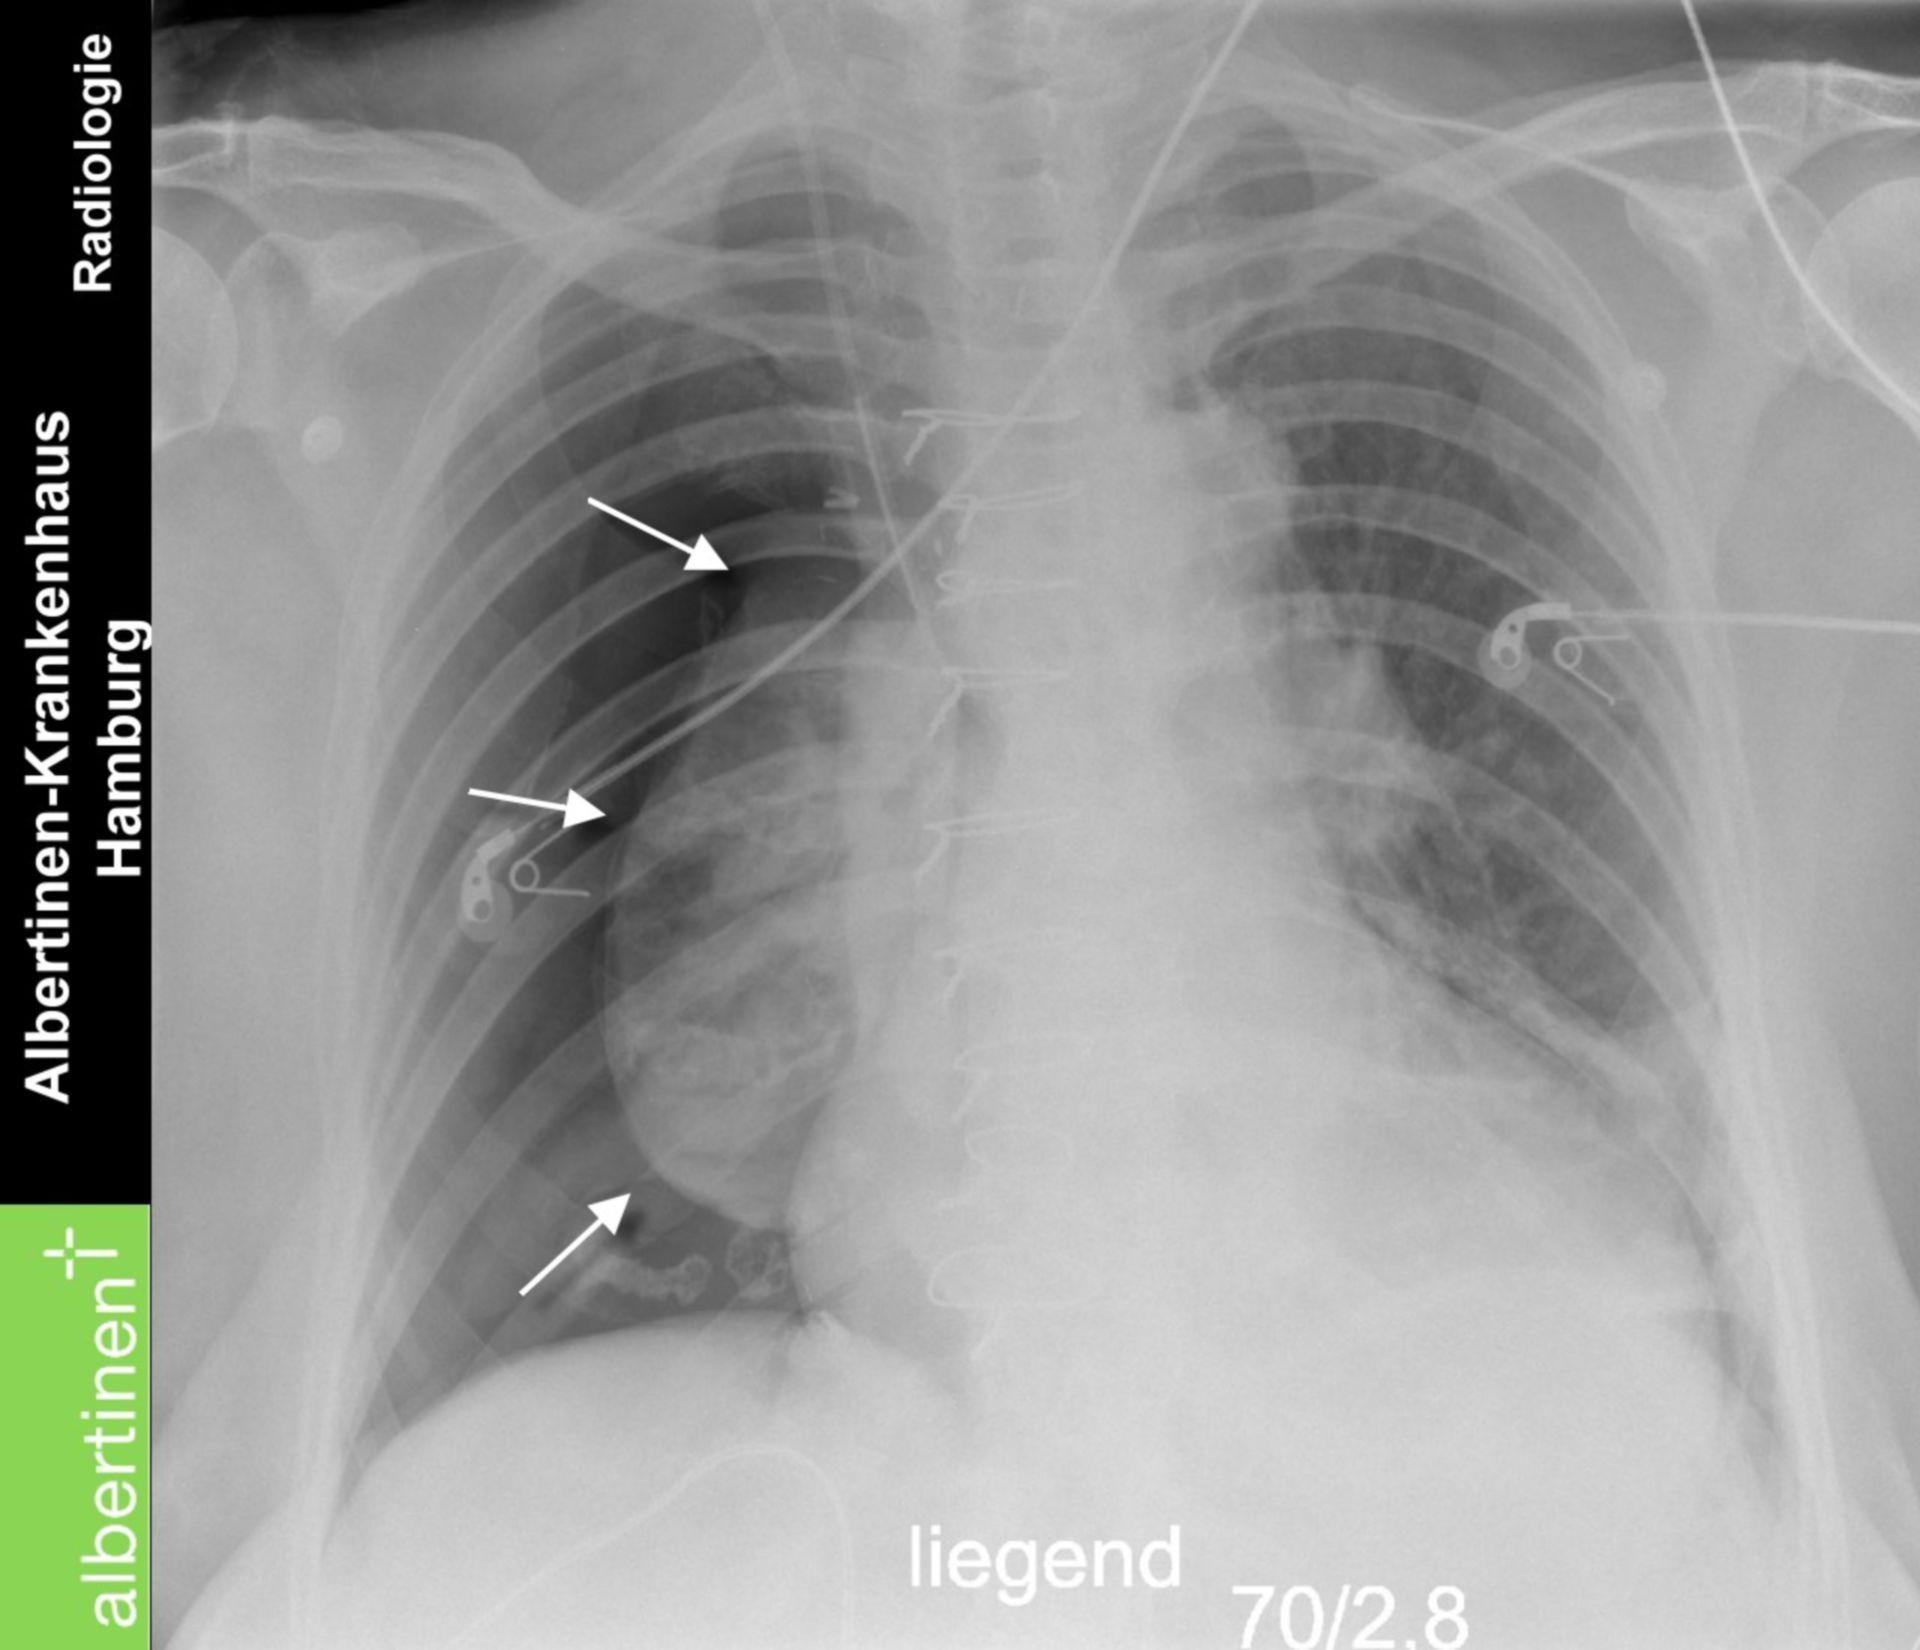 Pneumothorax v Saugung